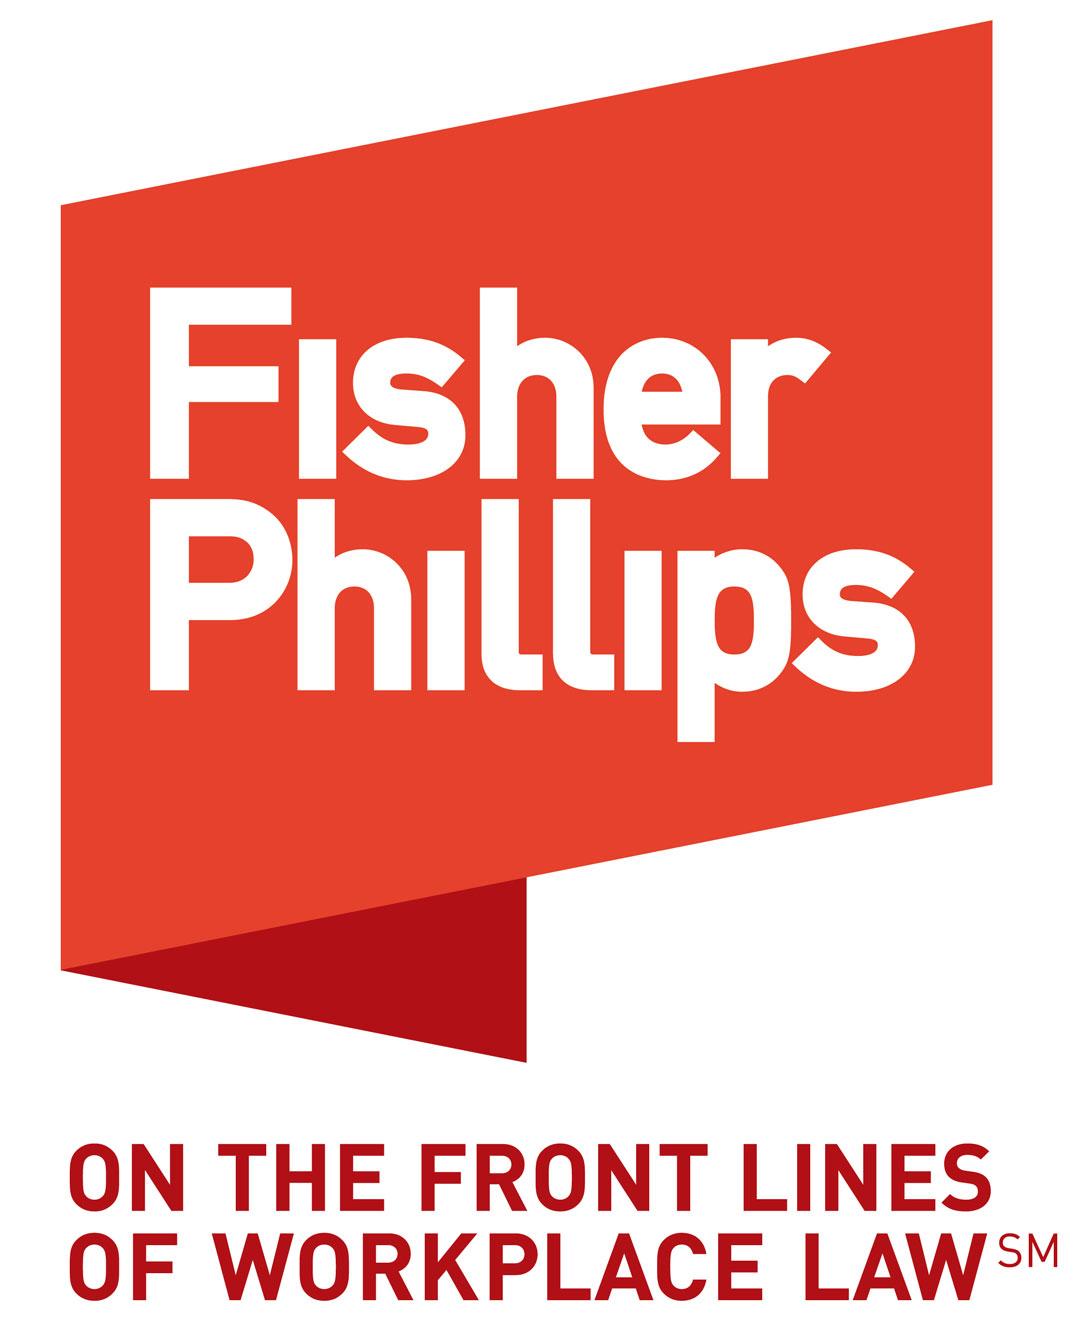 FisherPhillips_New logo 2016